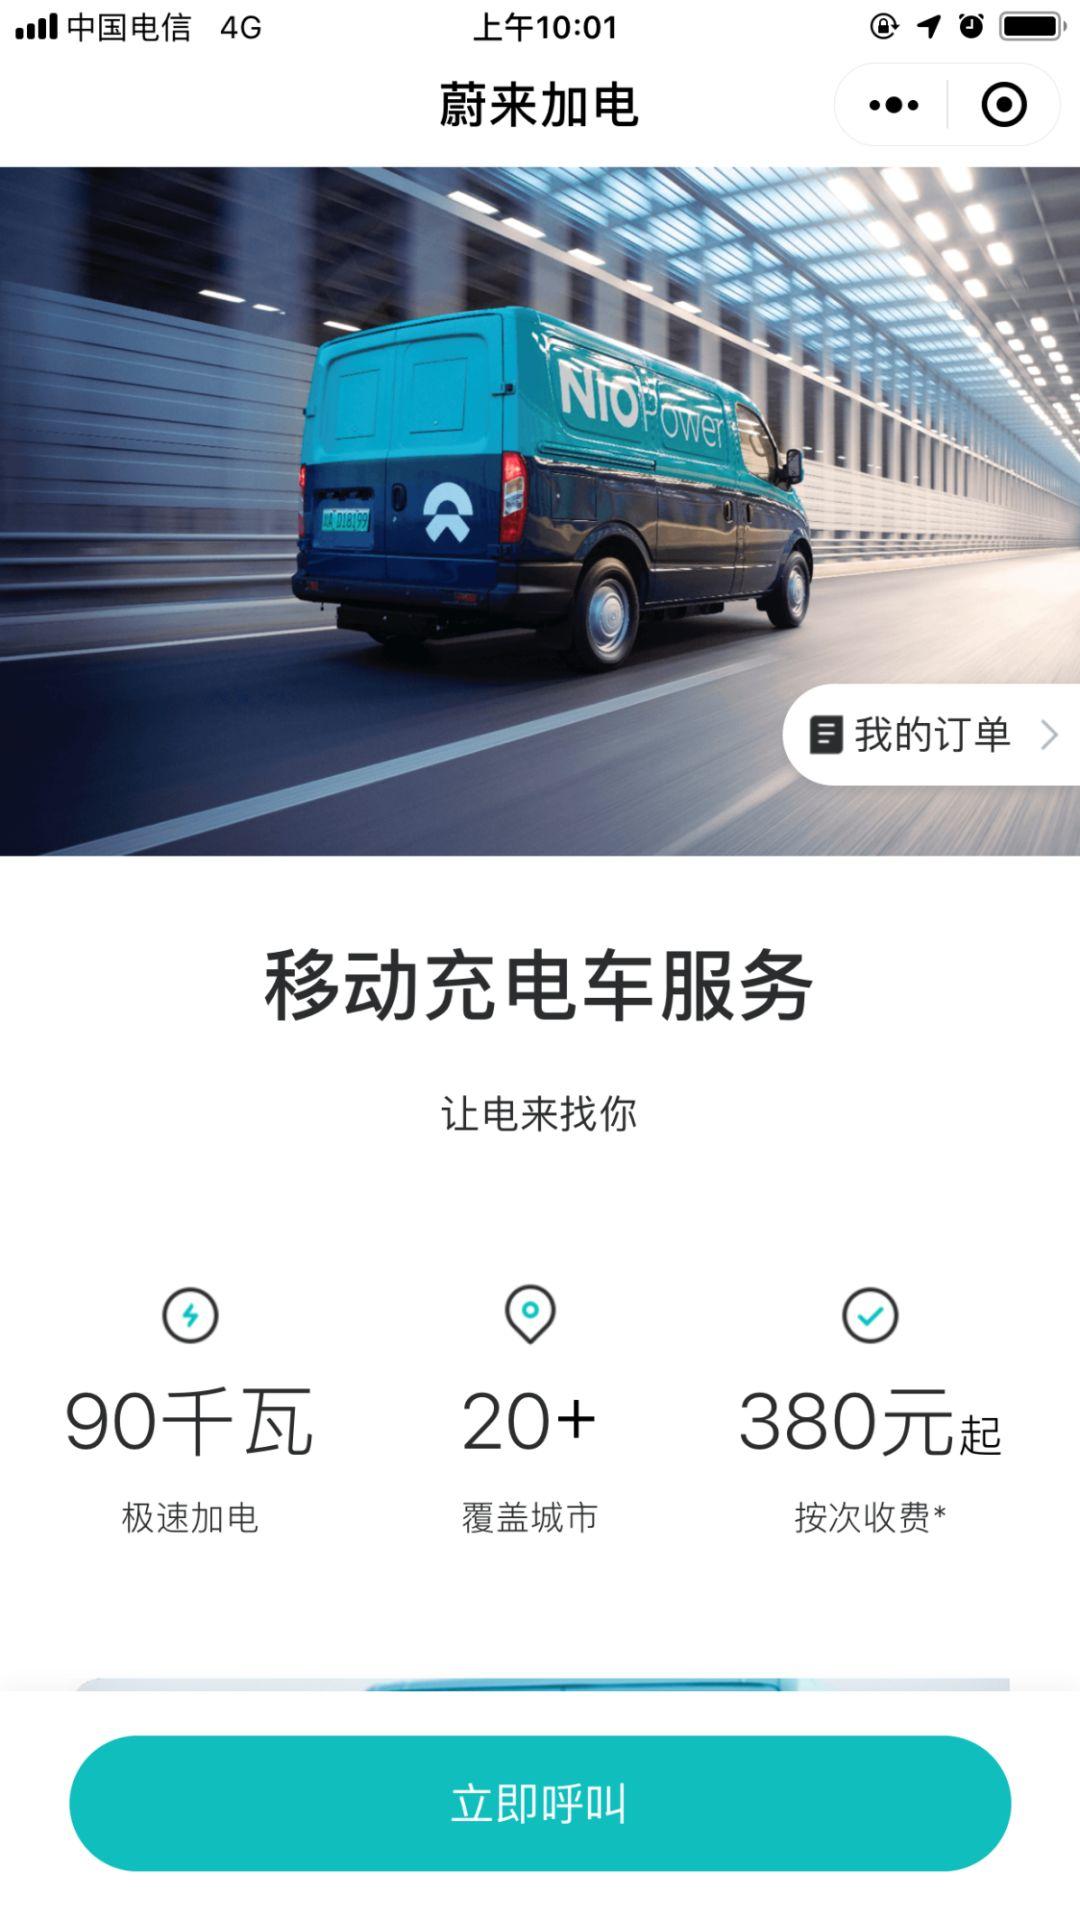 """貴嗎?蔚來""""移動充電寶""""營業開放,380元/次起"""